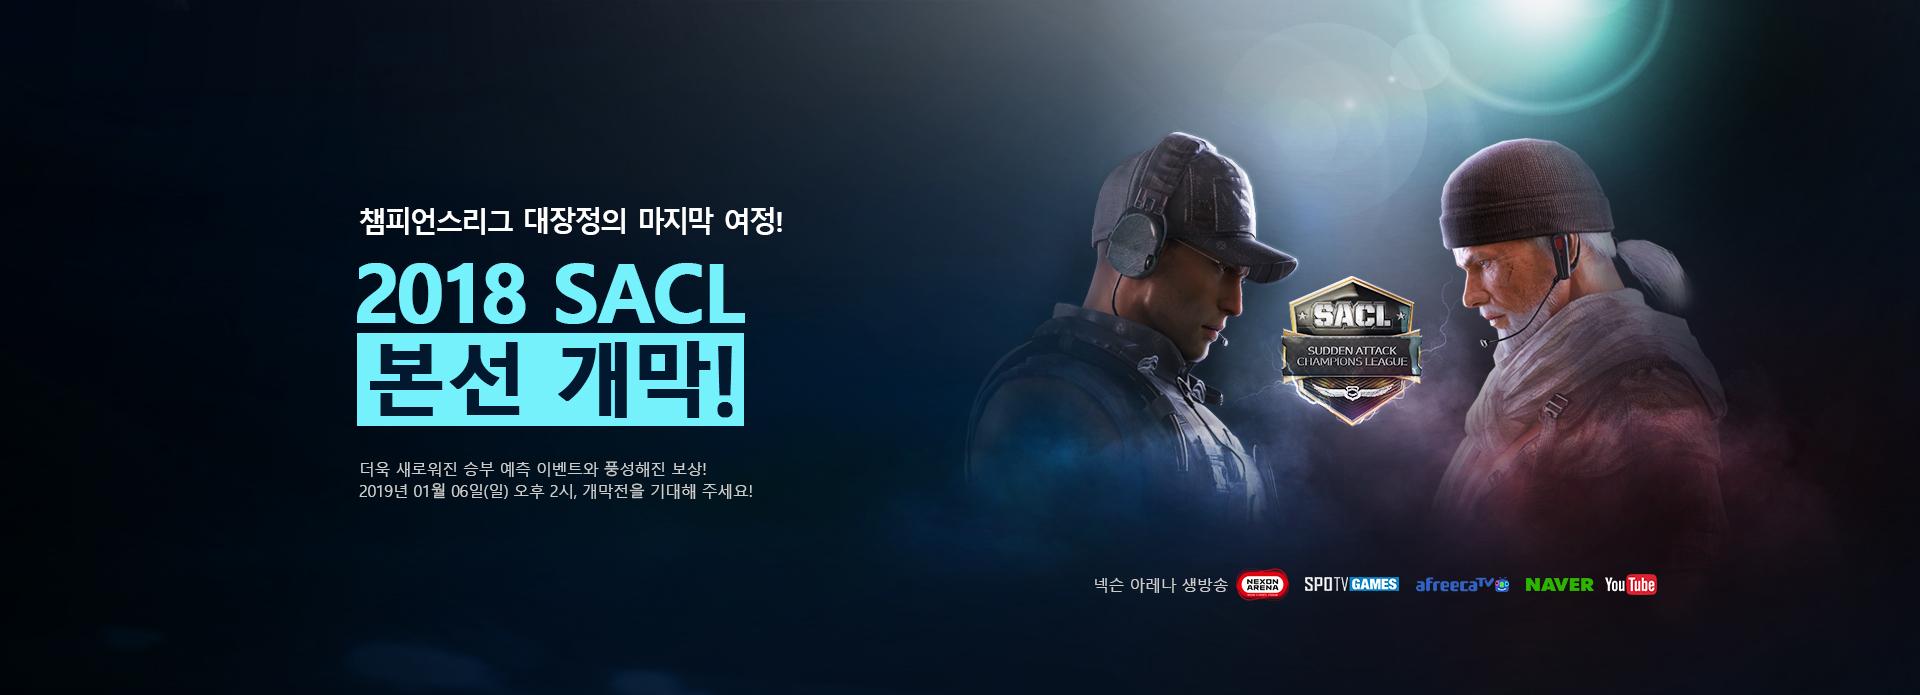 넥슨, '2018-2019 서든어택 챔피언...